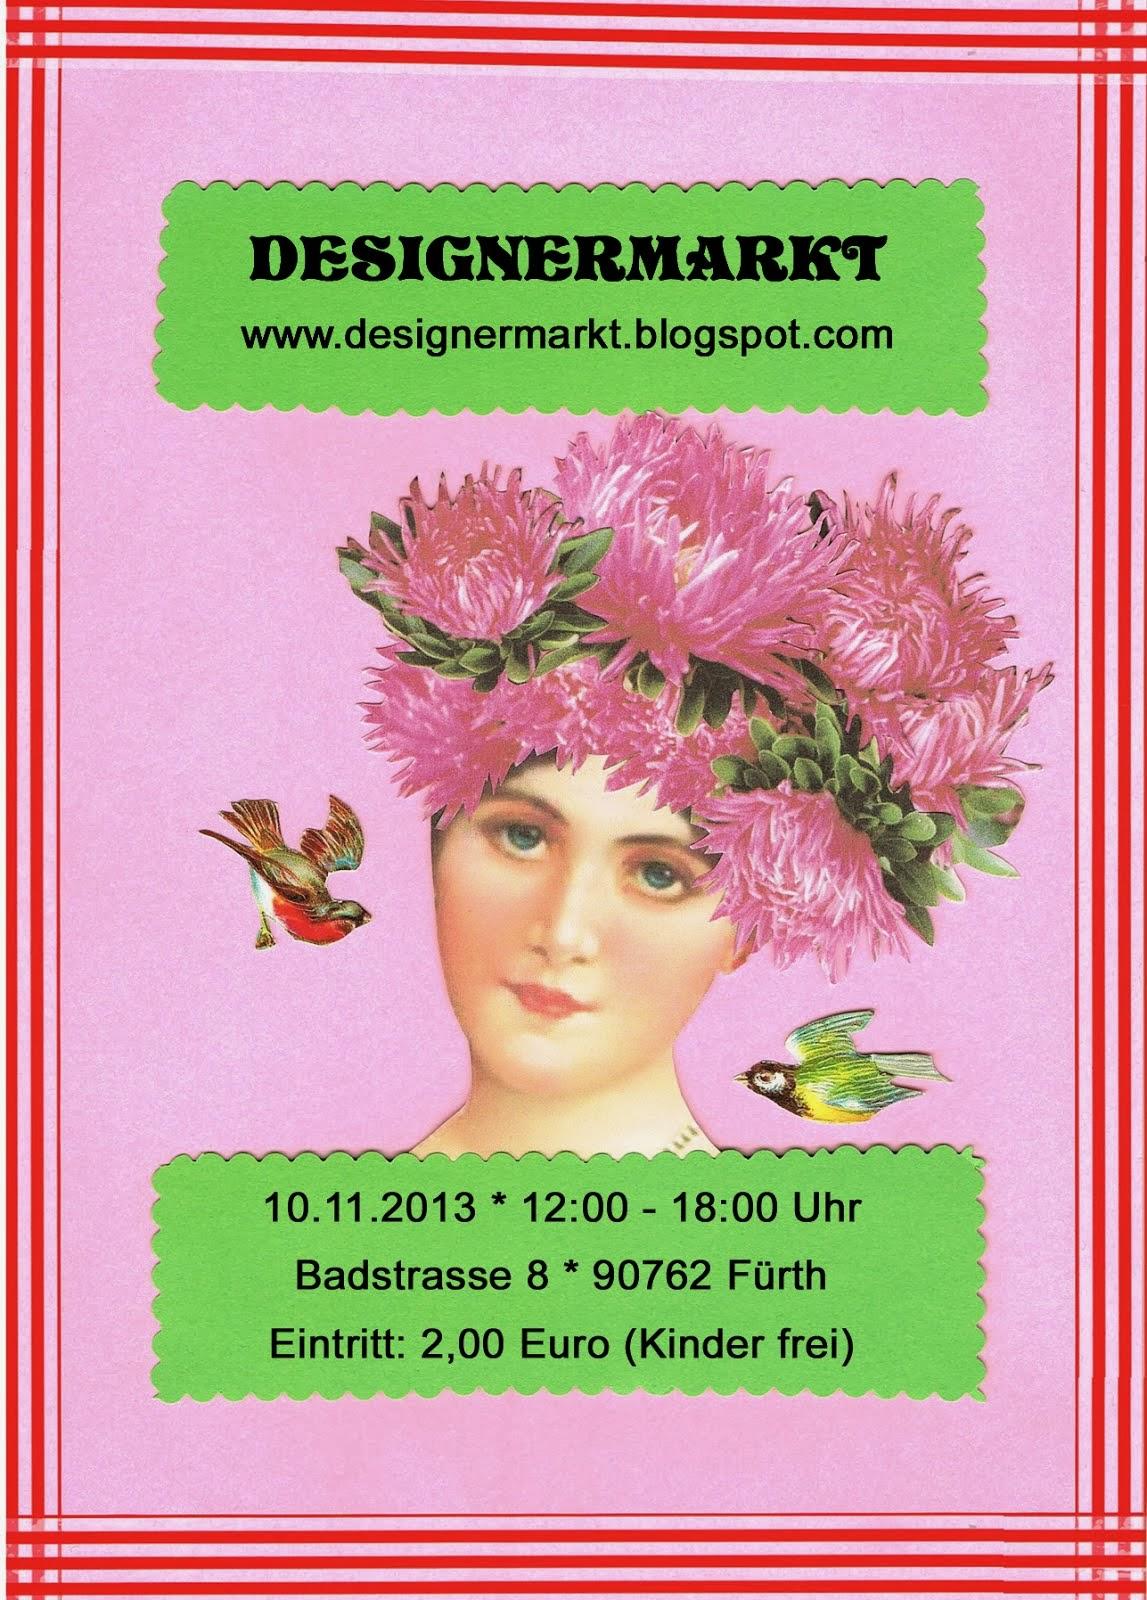 Designermarkt 10.11.2013